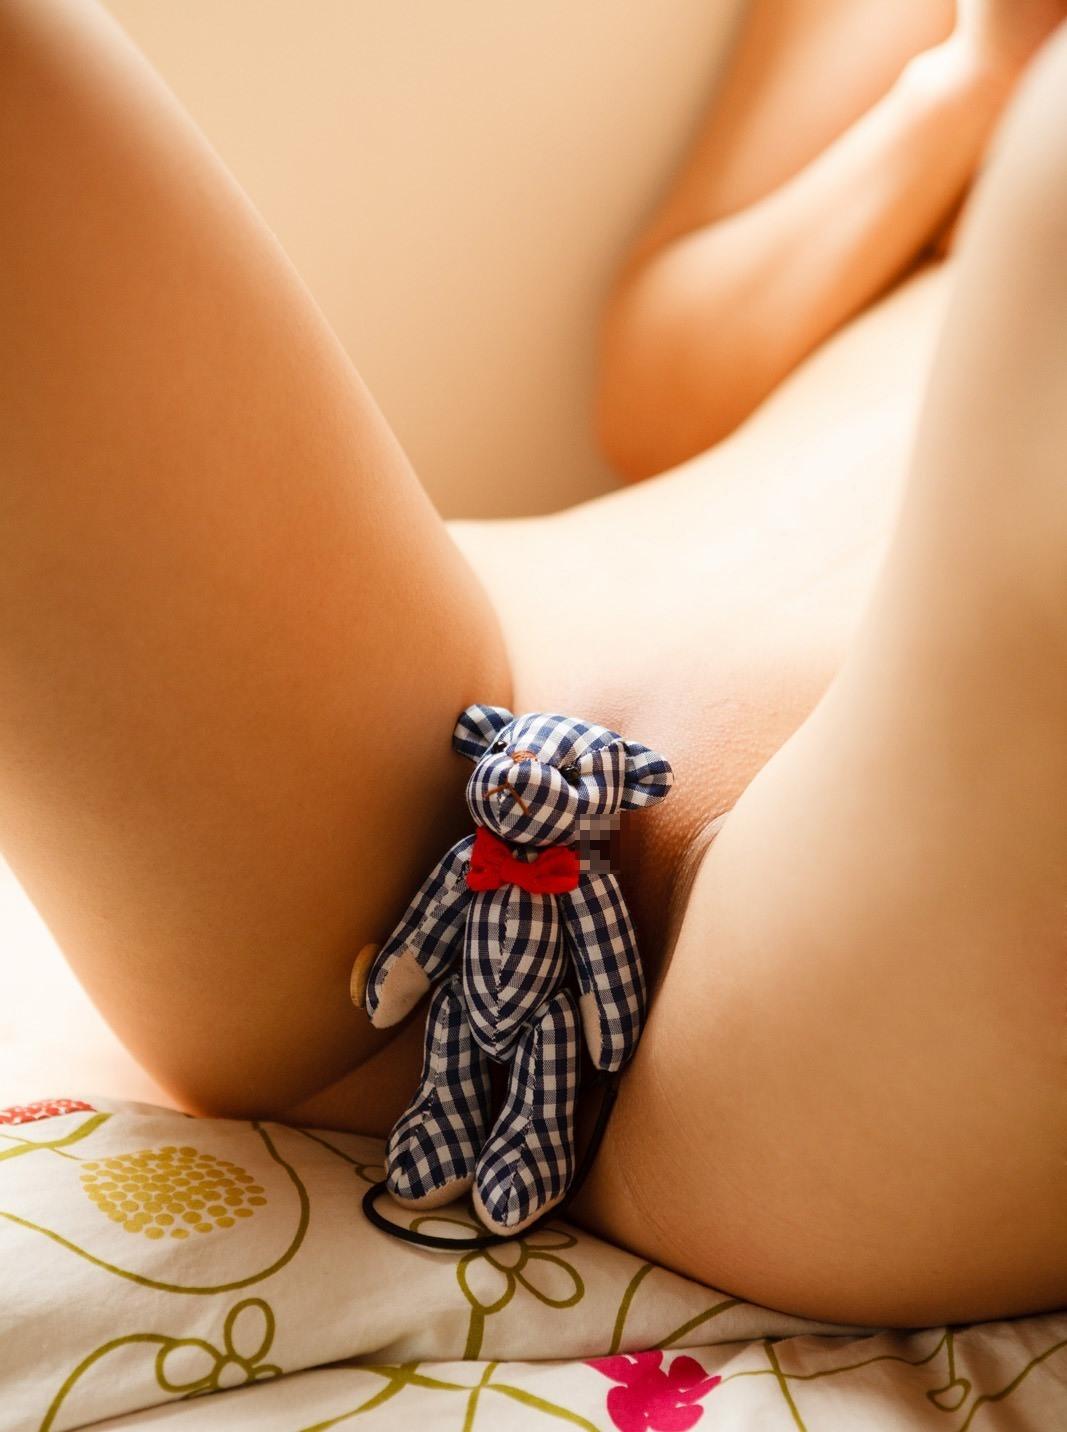 M字開脚で股間をモッコリさせているお姉さんのエロ画像 56